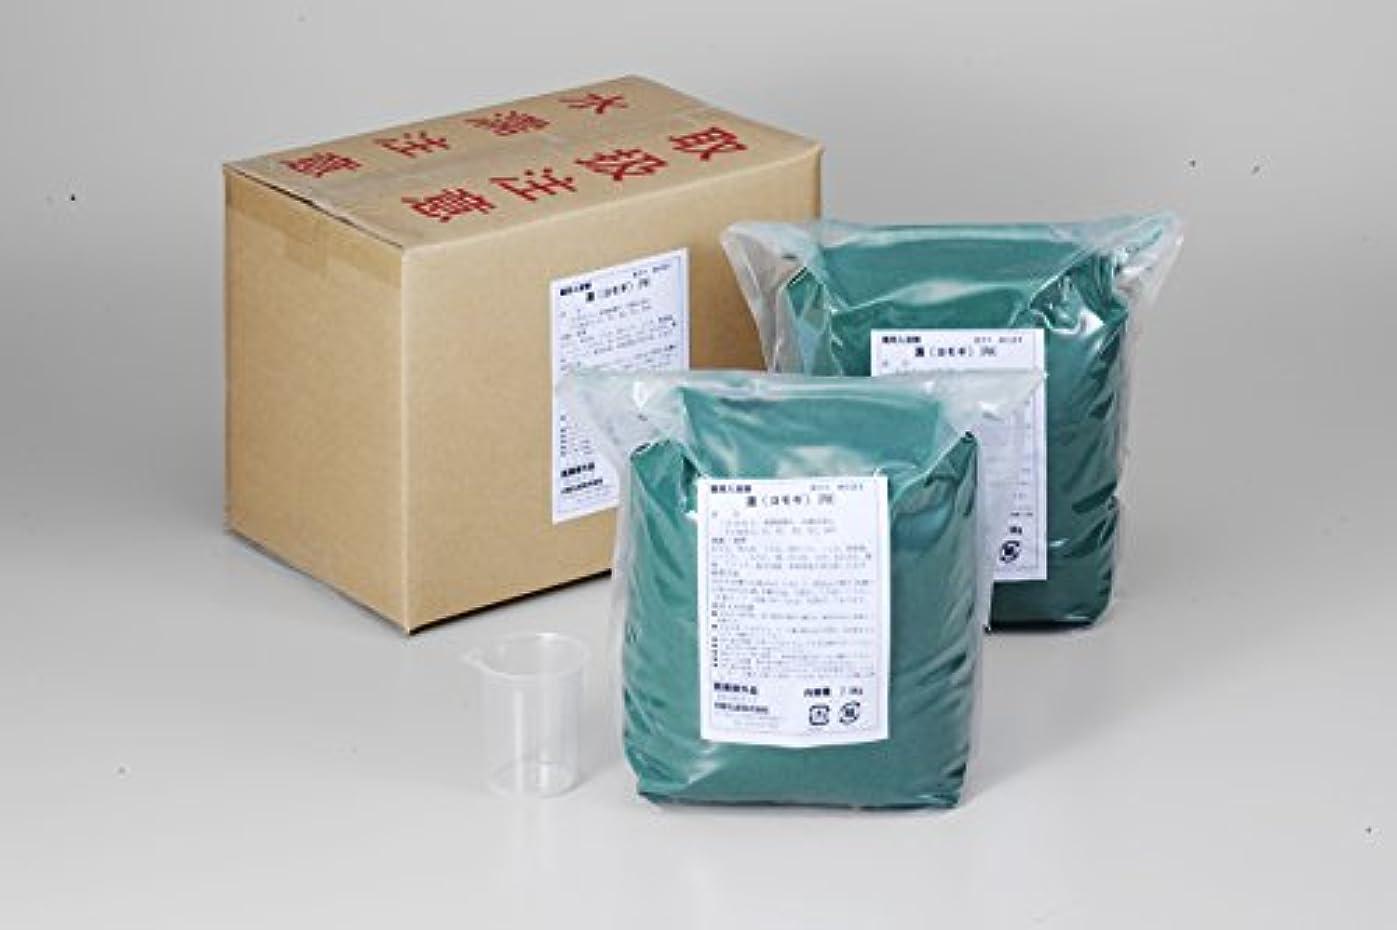 狂った死の顎改修する業務用入浴剤「ヨモギ」15kg(7.5kg×2)